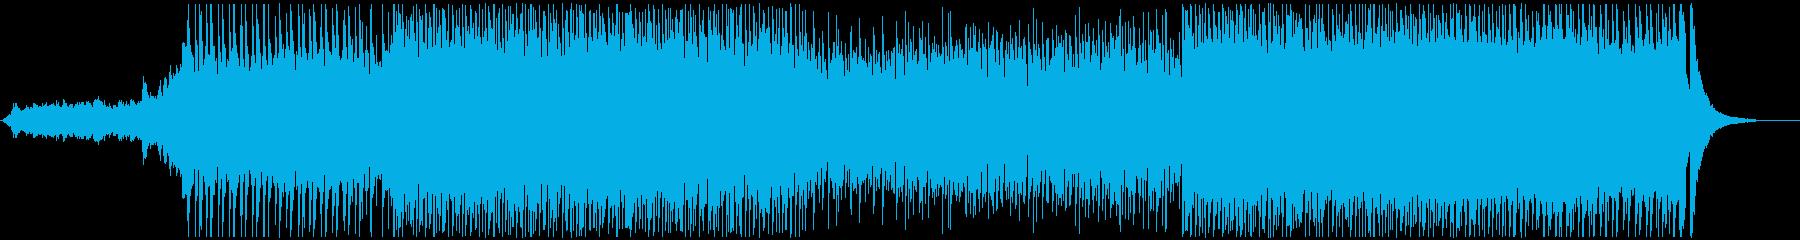 物語風イントロver-花火パレード演出の再生済みの波形